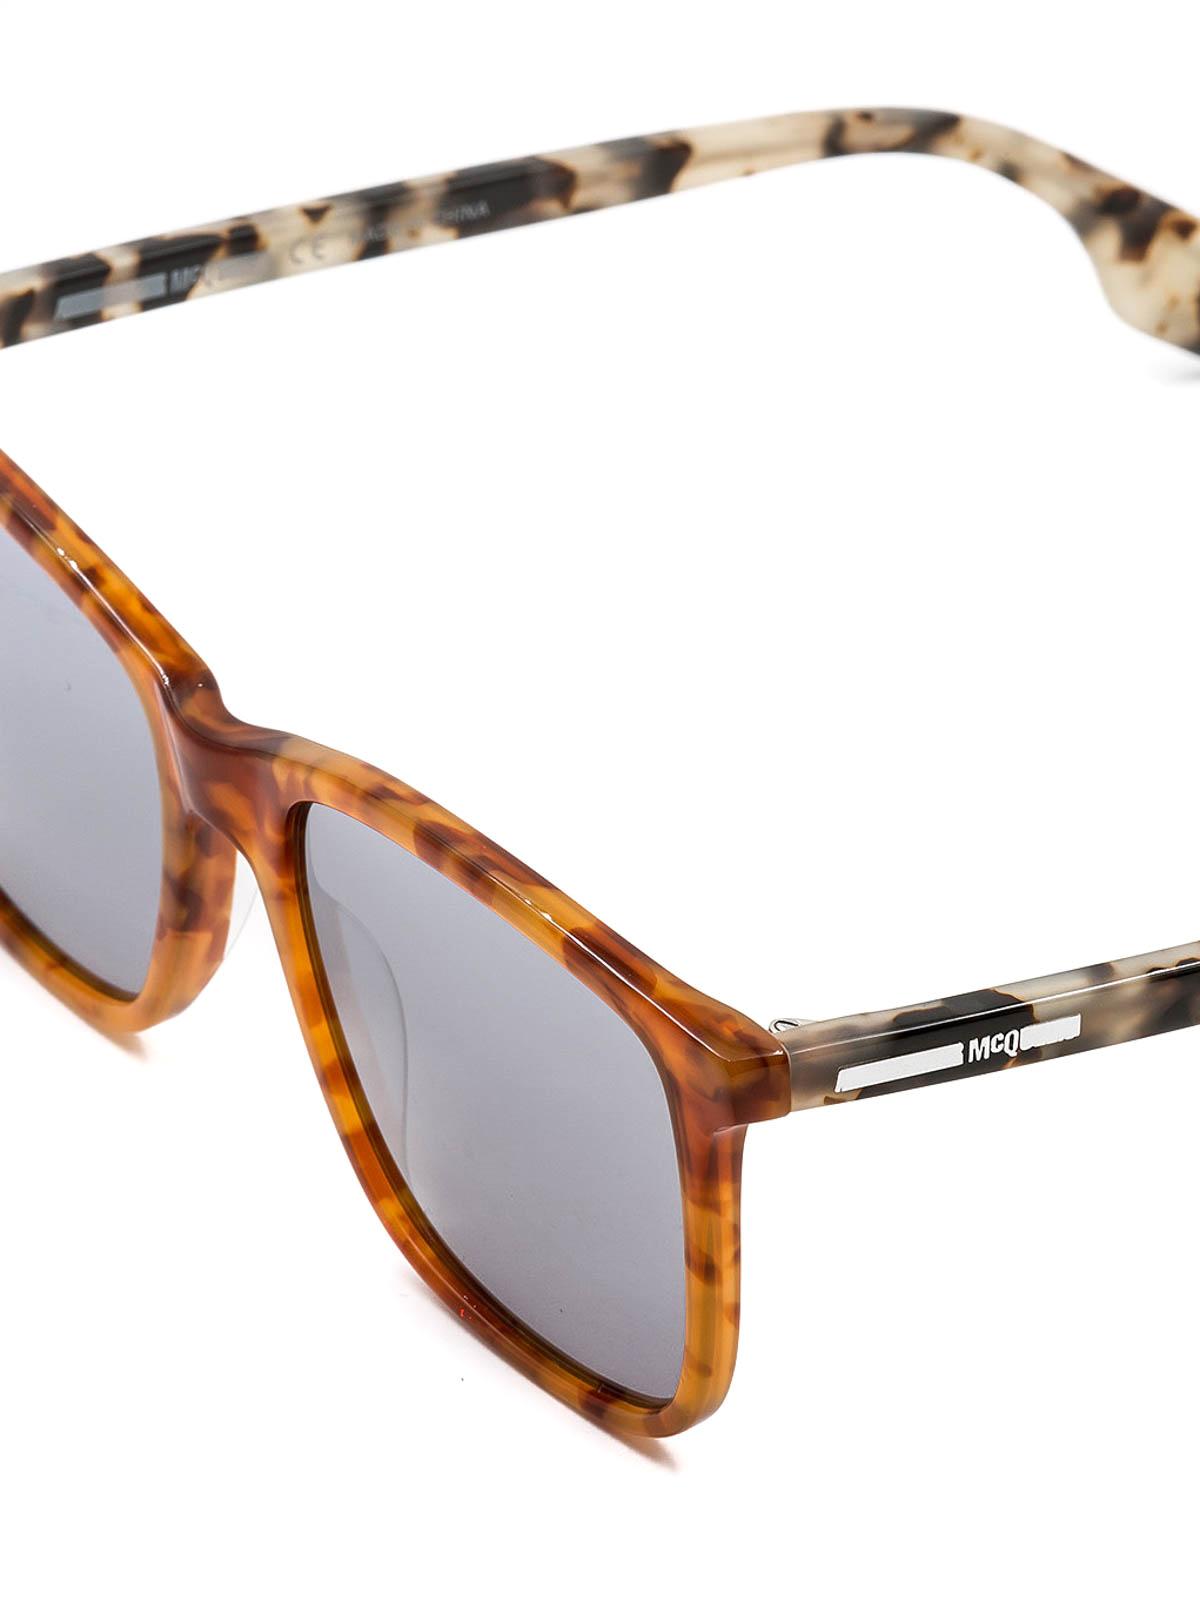 0dc6346b81 Mcq - Two-tone tortoiseshell sunglasses - sunglasses - MQ0080S4